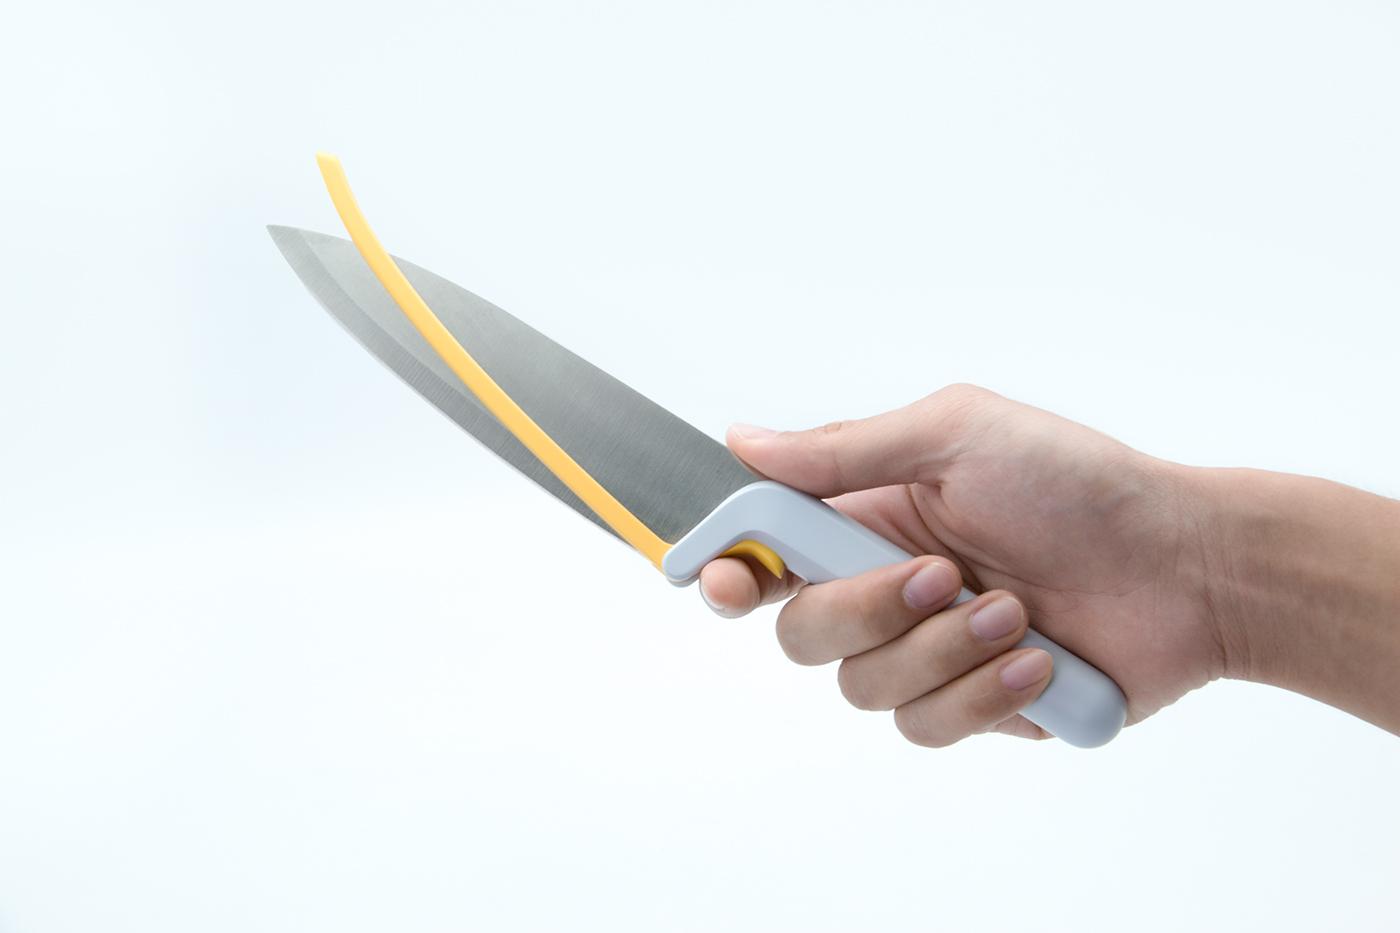 水果刀设计